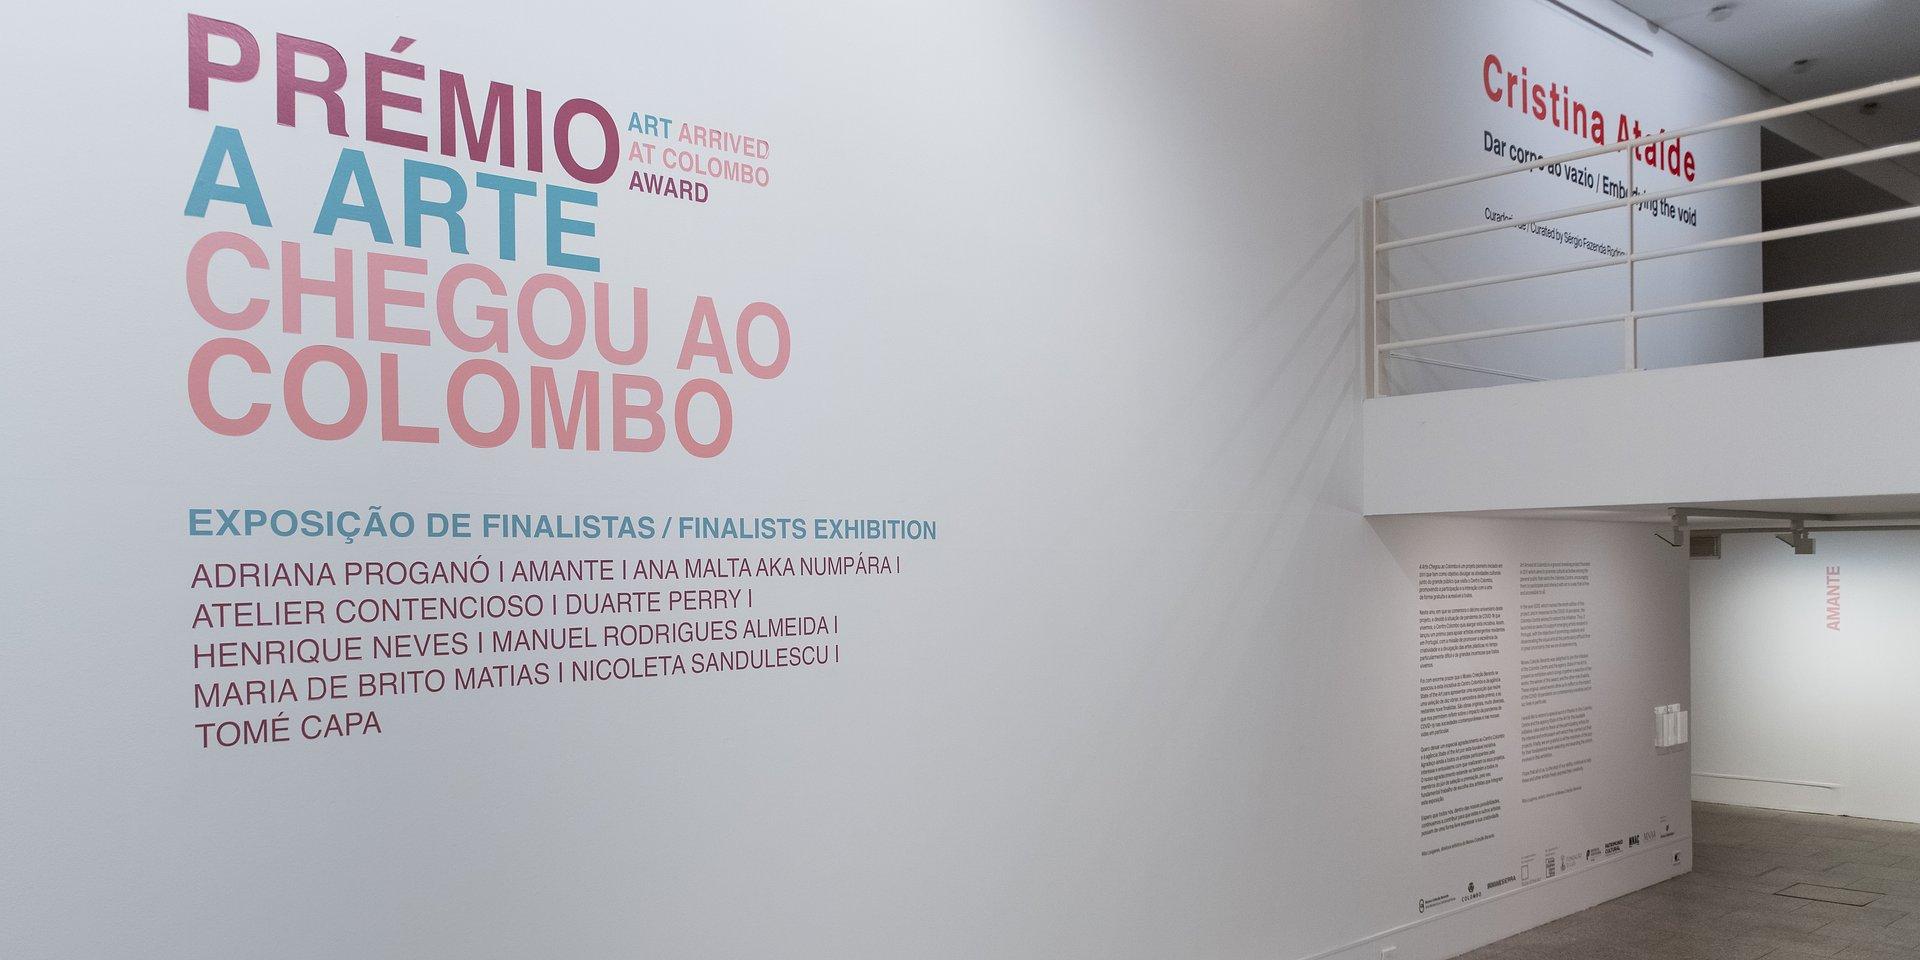 Obras finalistas do 'Prémio A Arte Chegou ao Colombo' em exposição no Museu Coleção Berardo